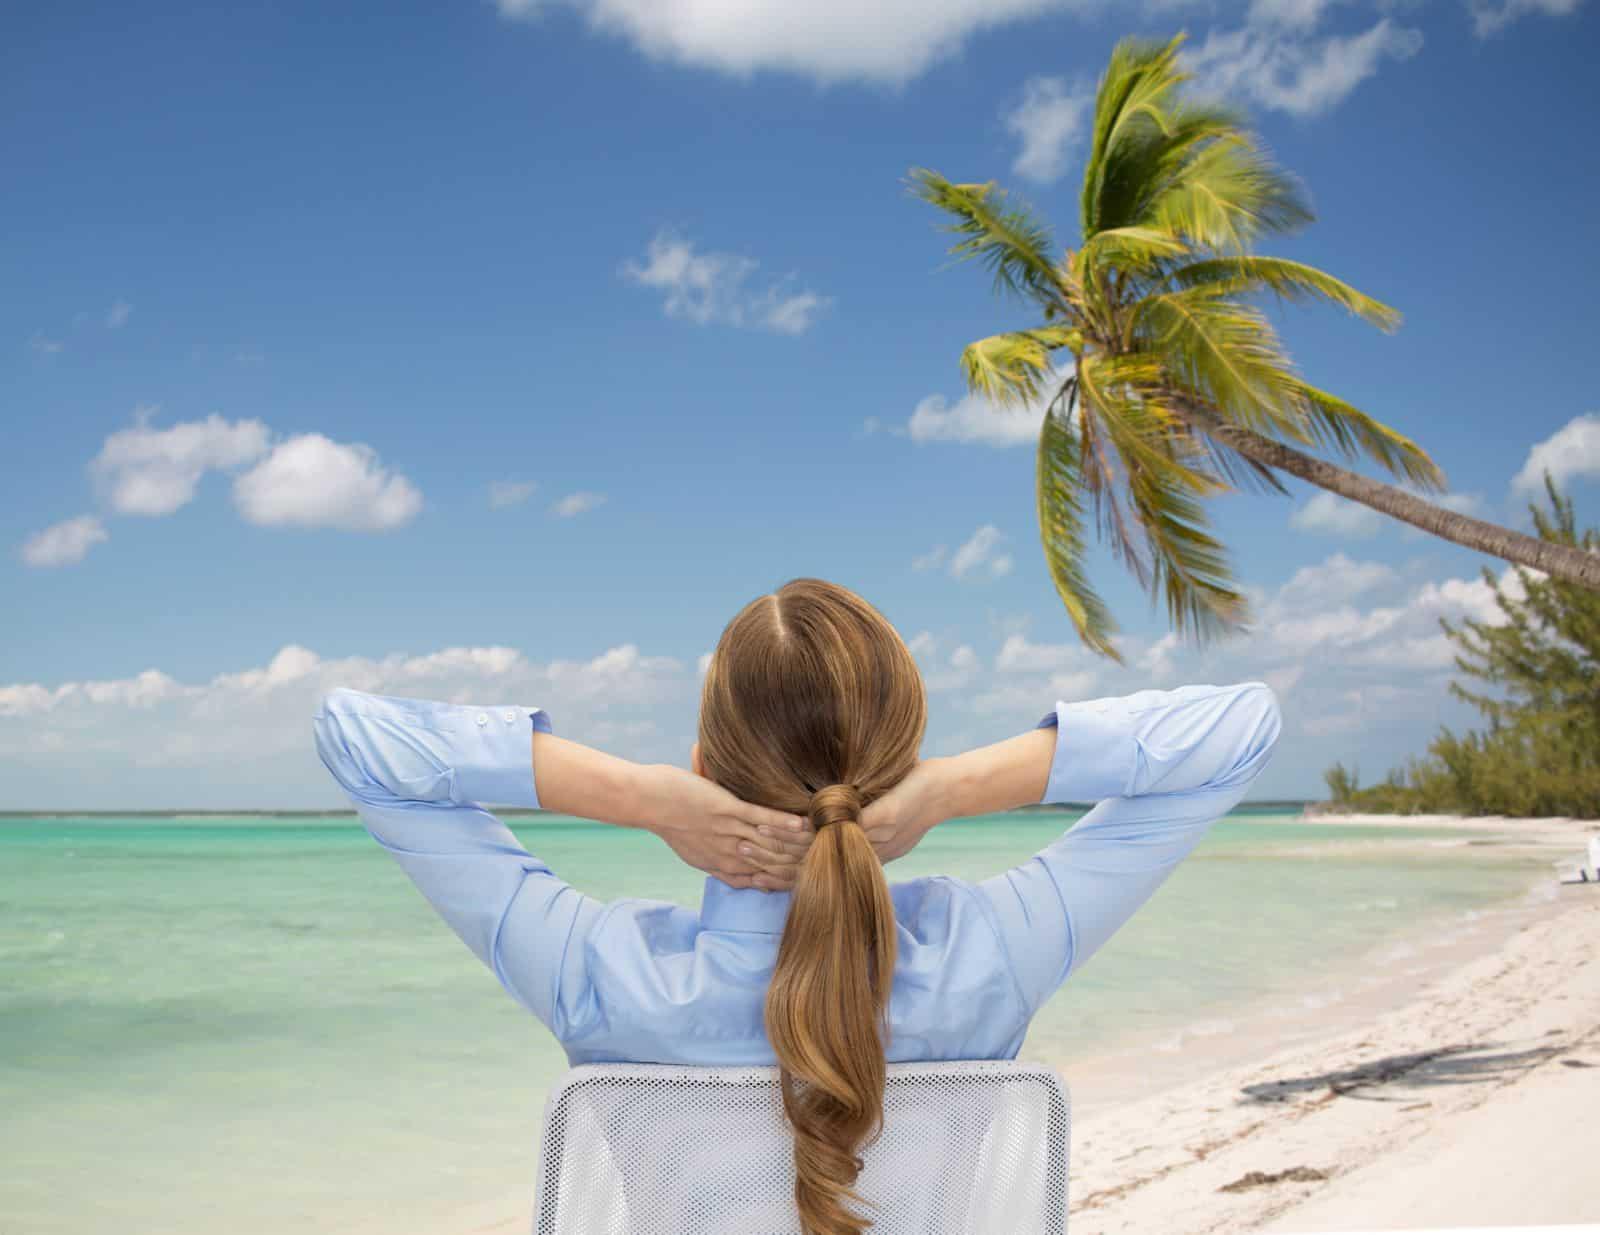 Административный отпуск по инициативе работодателя